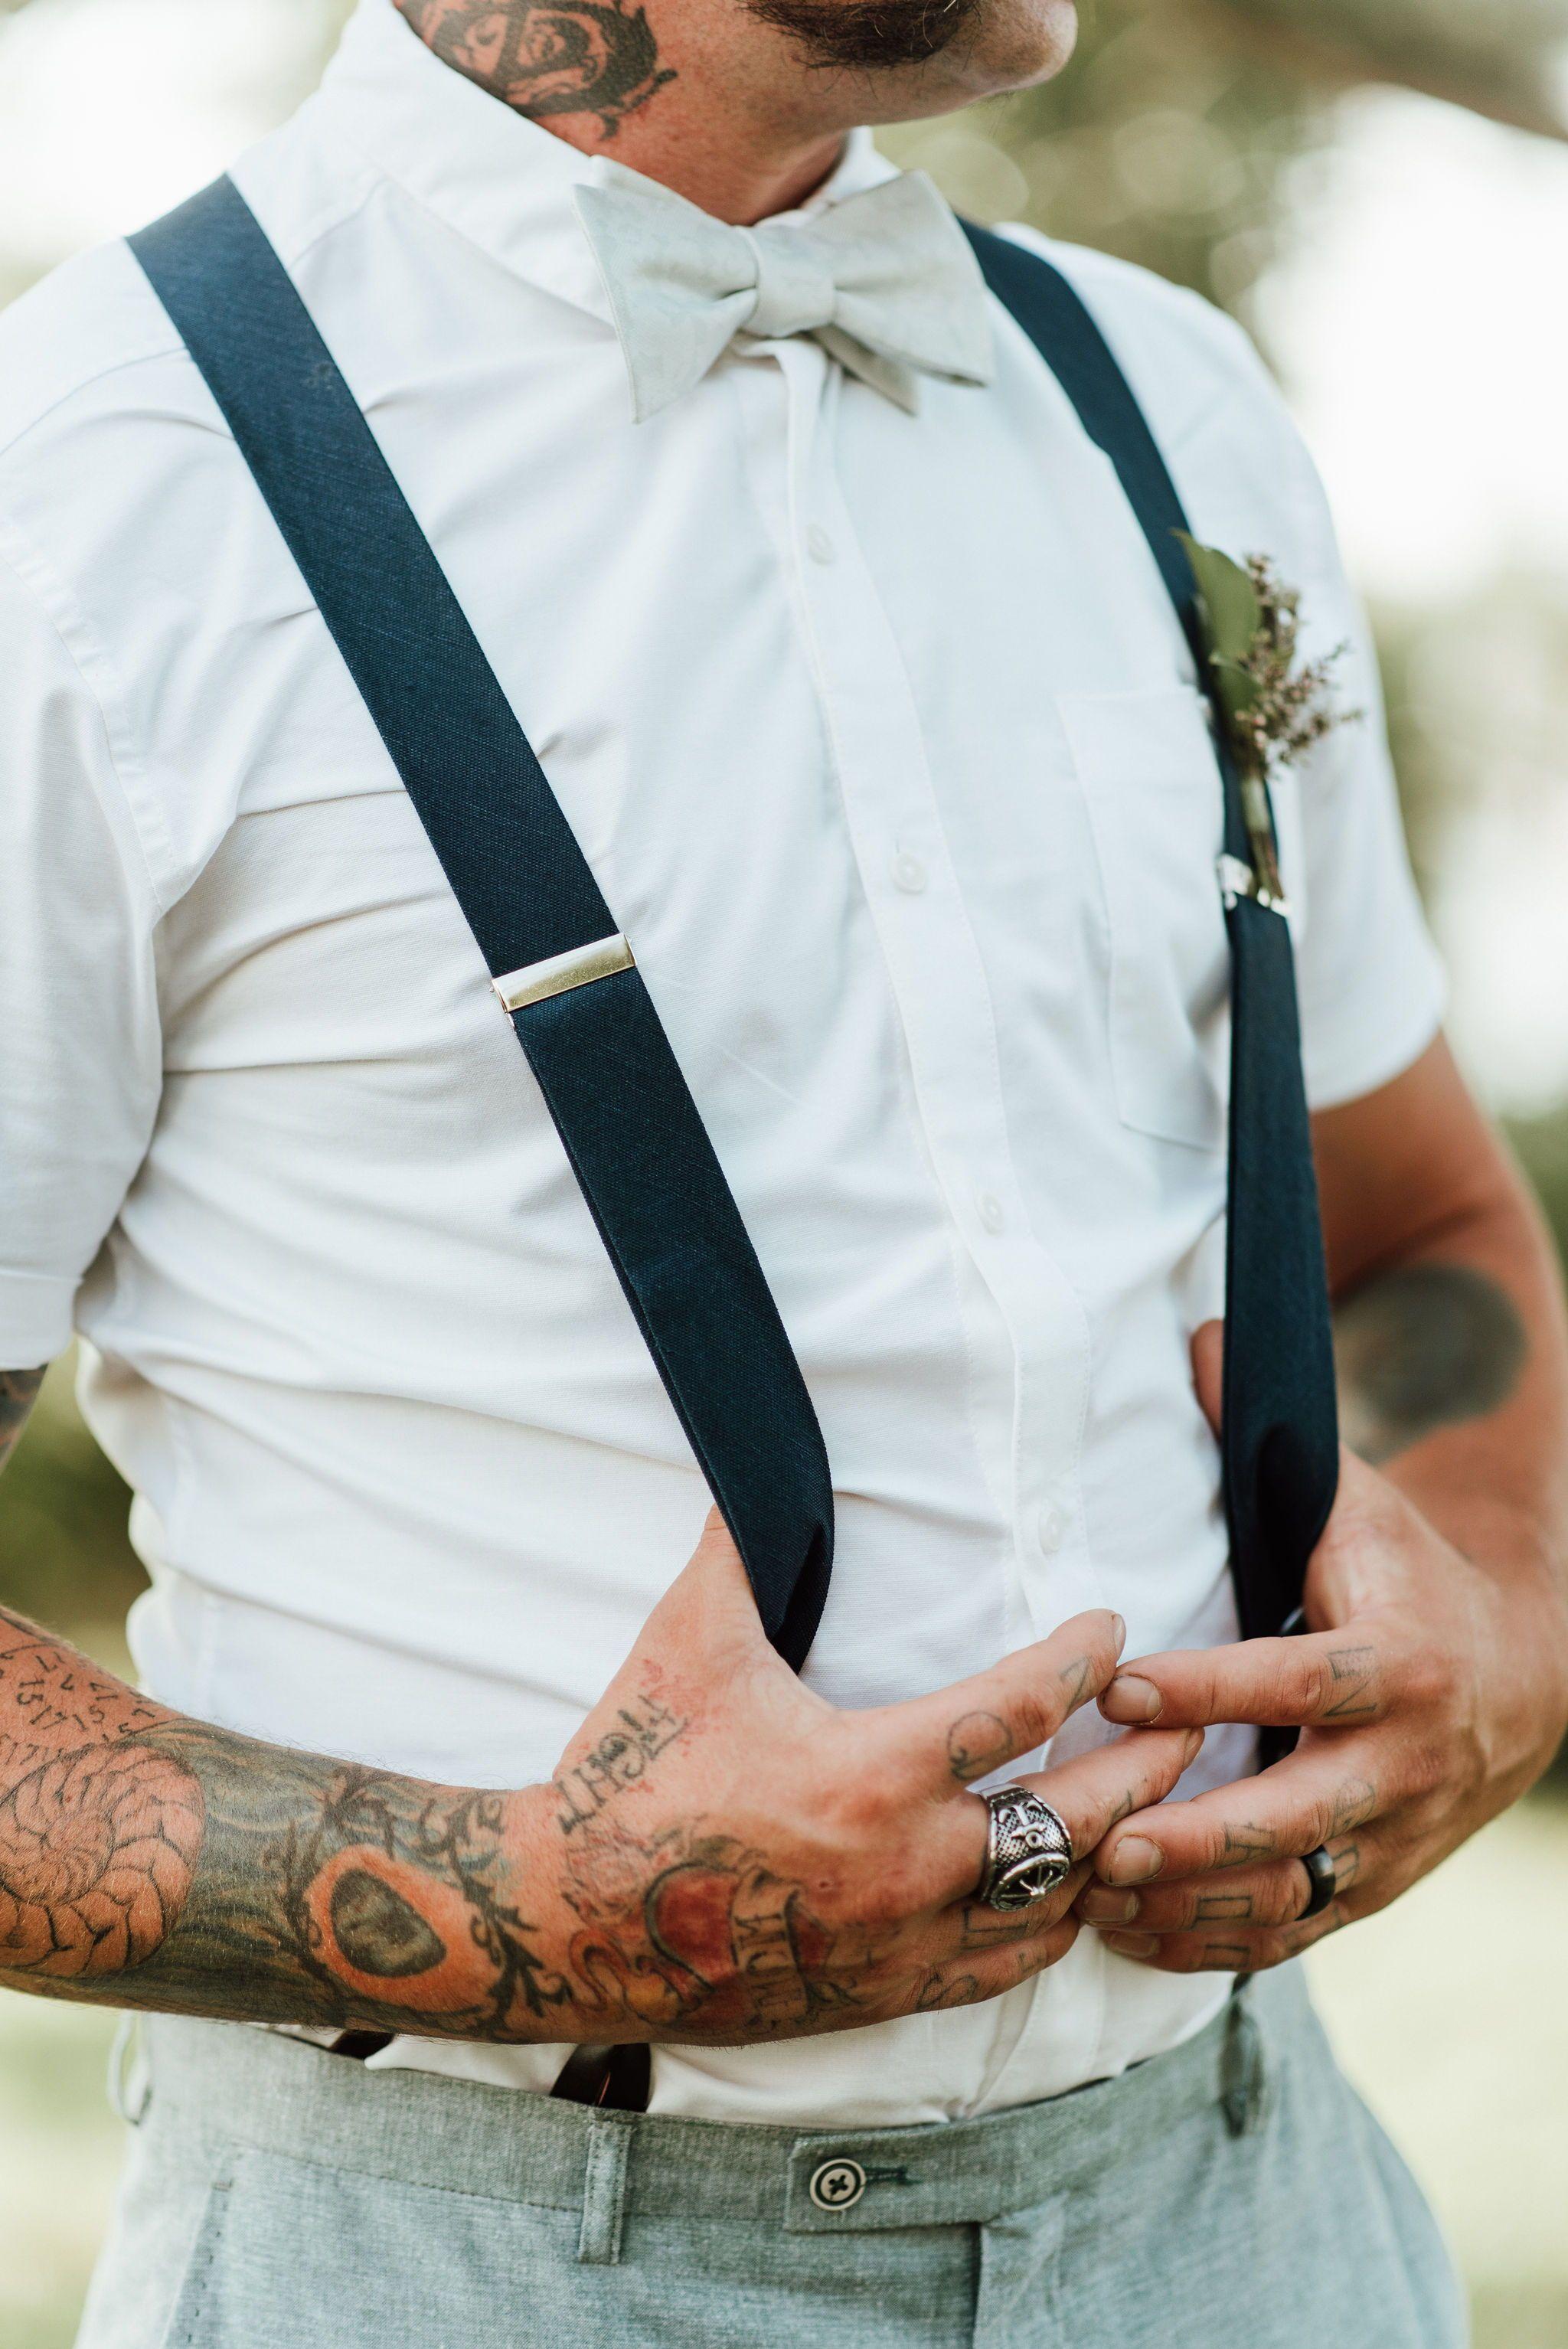 Groomsmen Suspenders, Bowties, and Tattoos Groomsmen